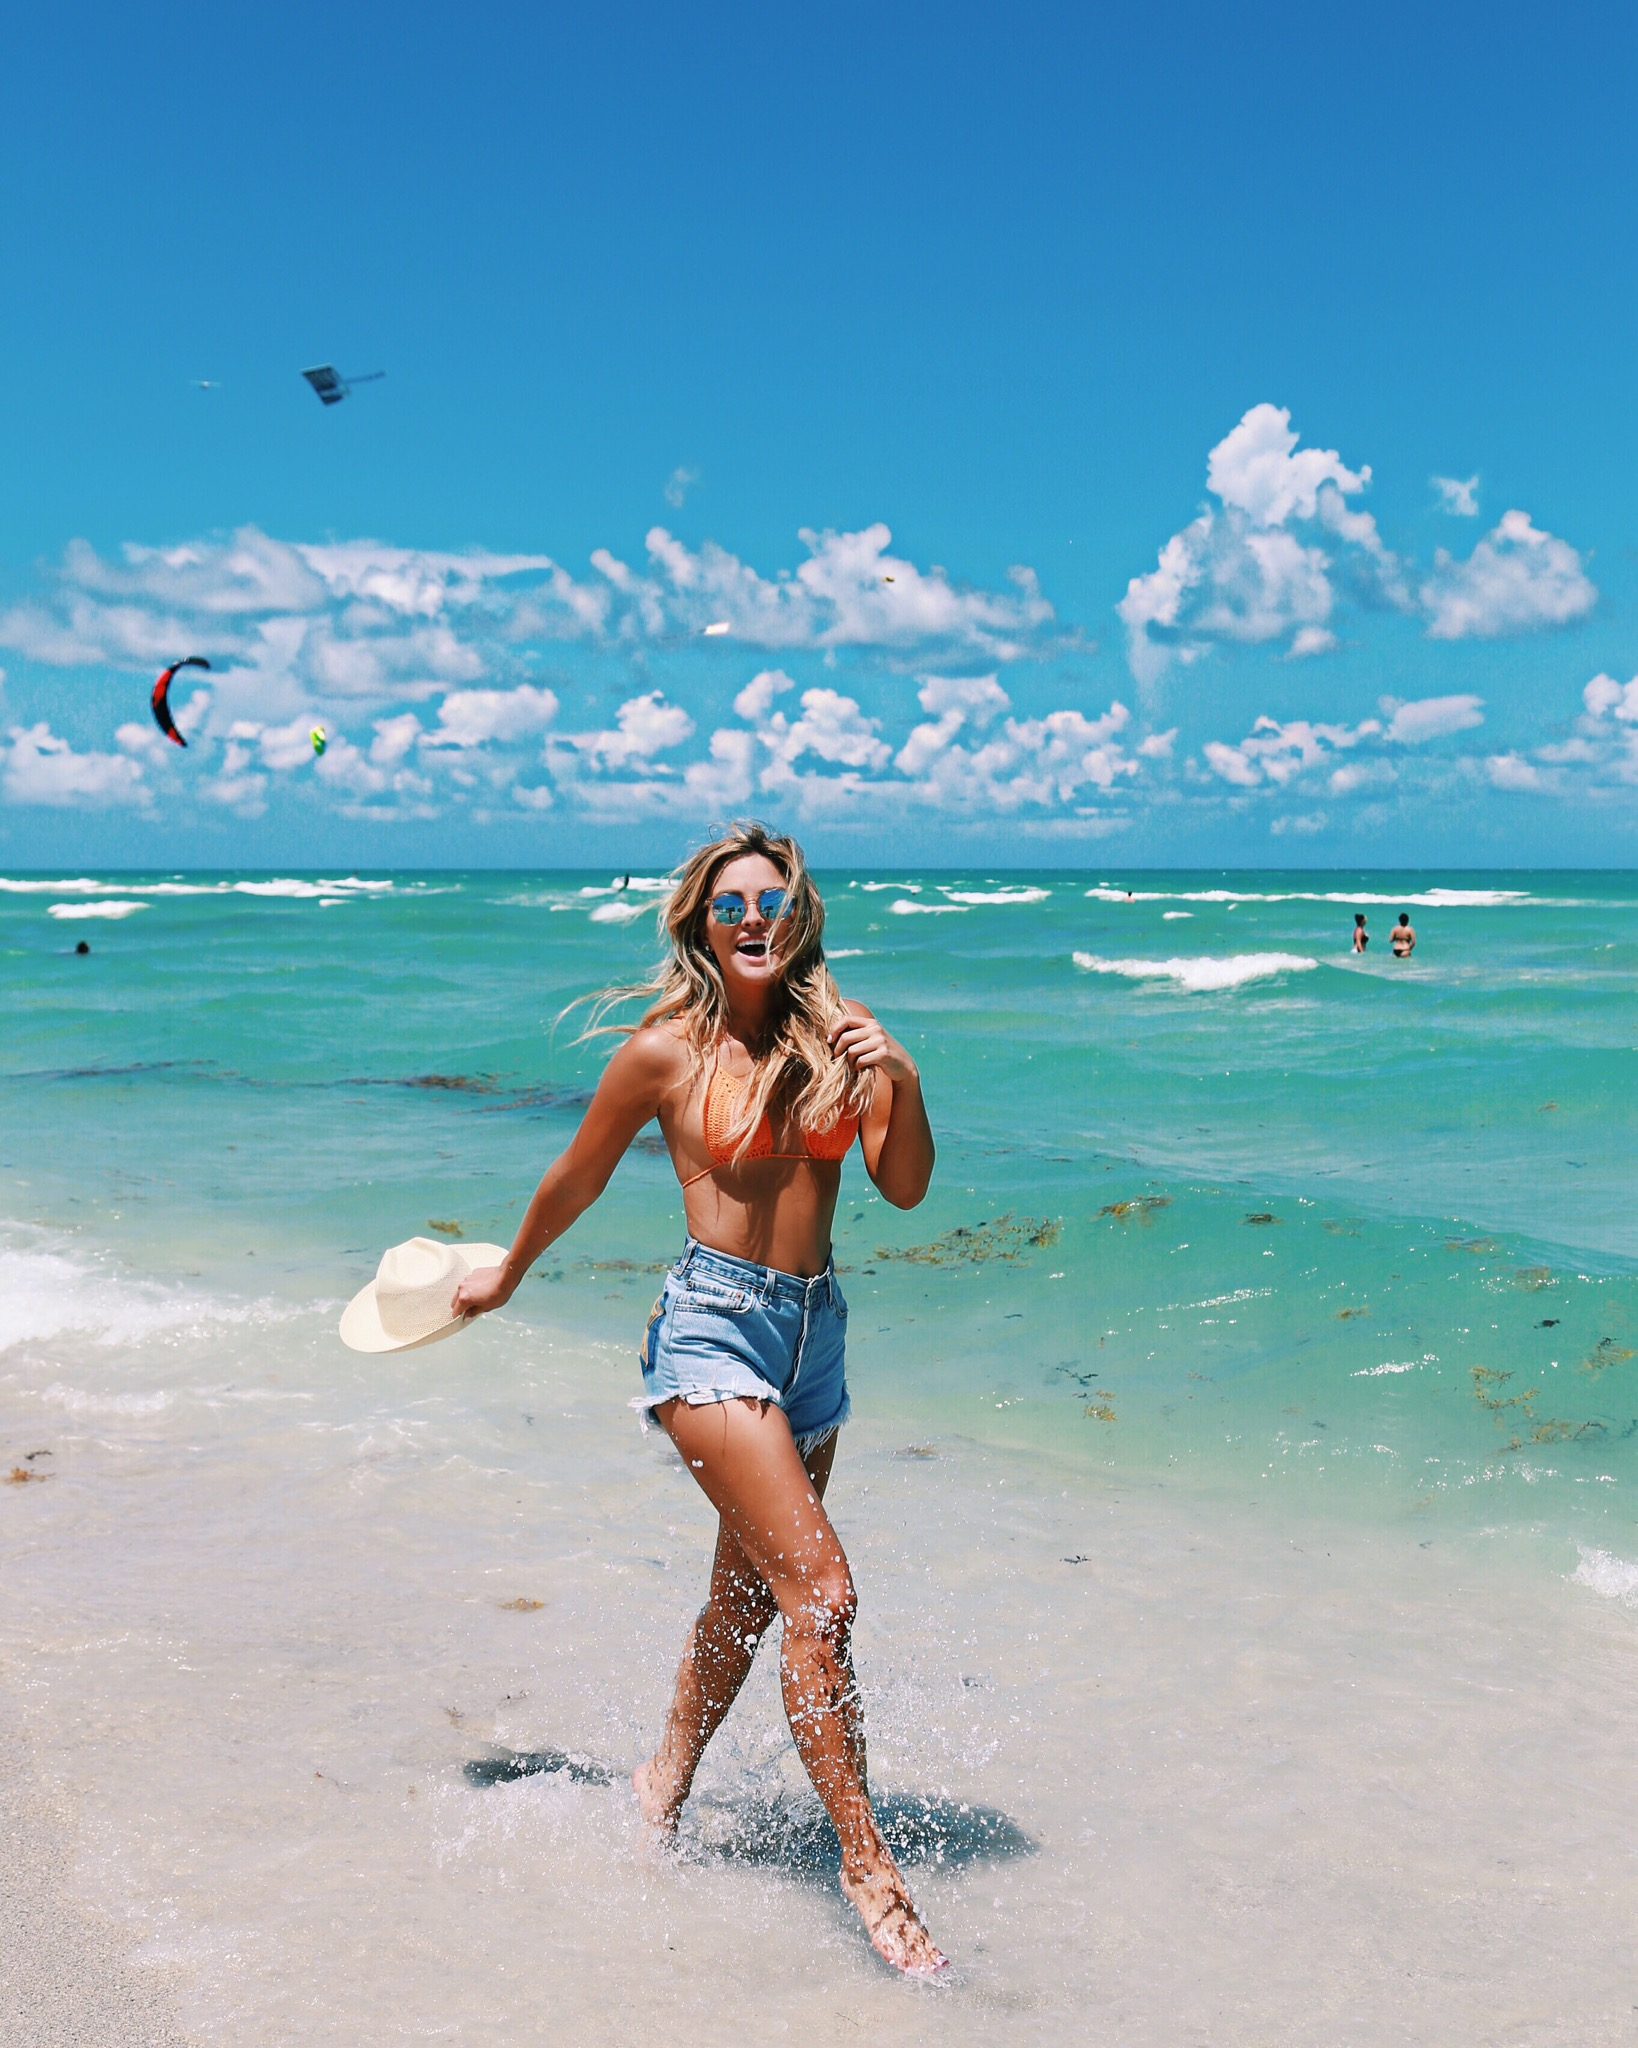 гамова праву красивые фотографии людей на море данного оттенка